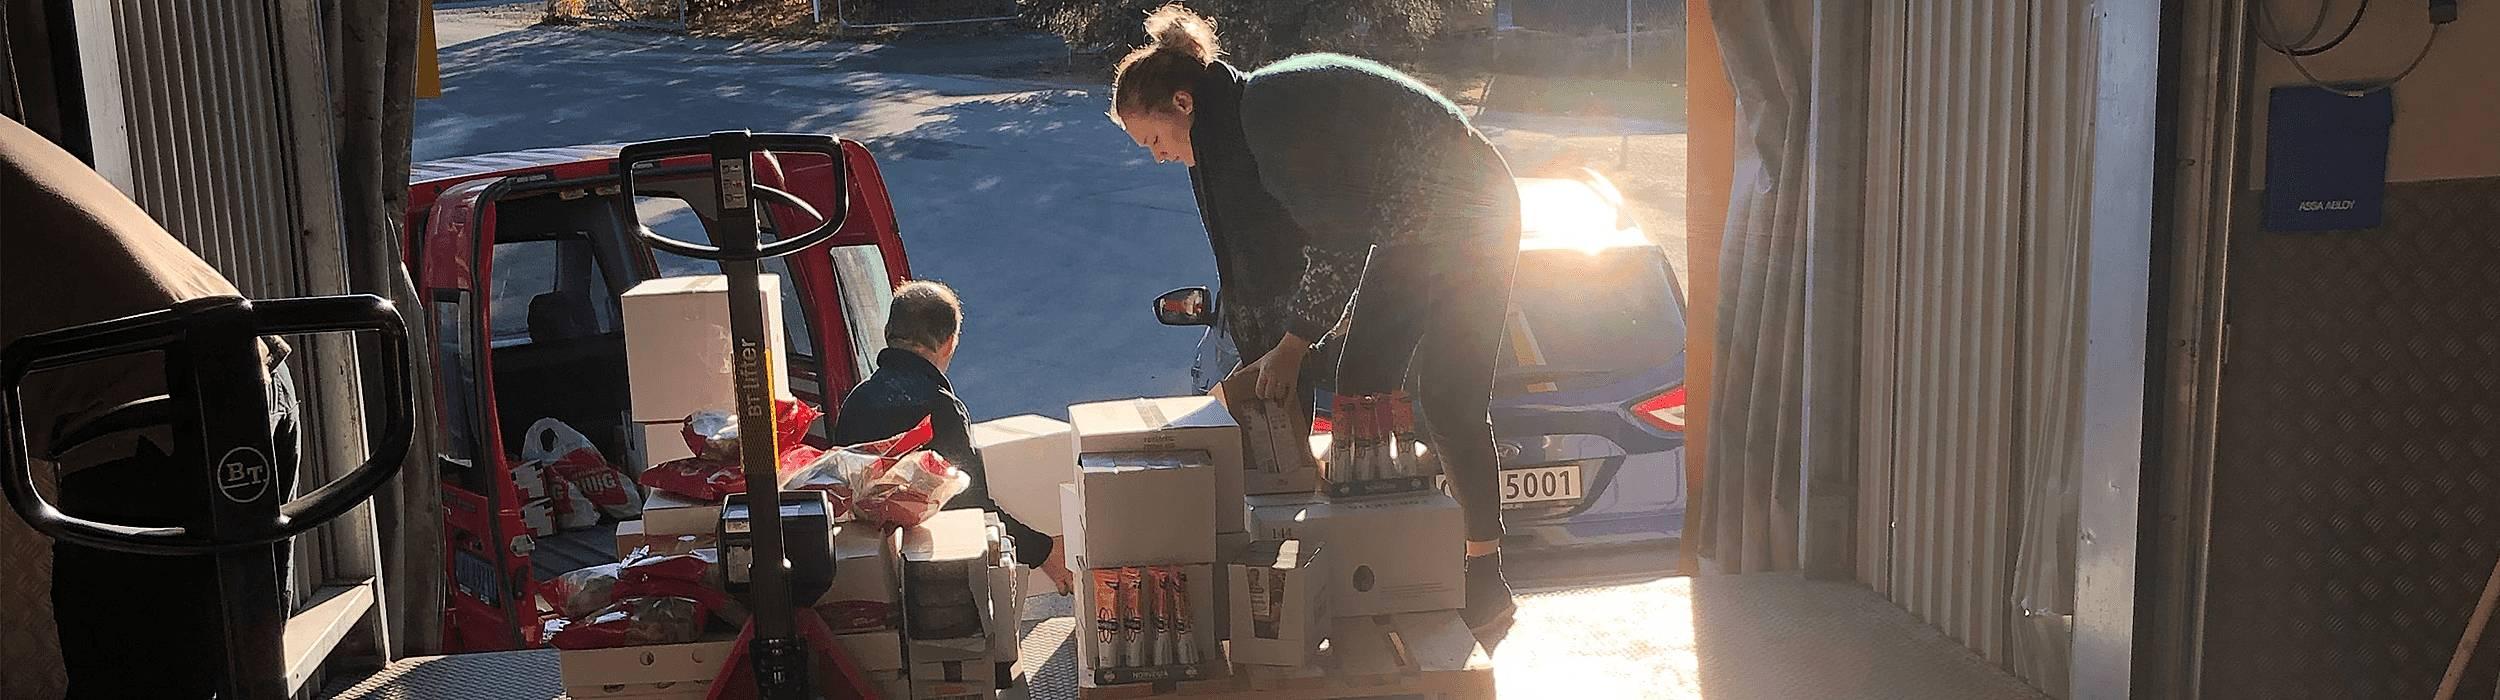 Matsentralen i Trondheim har 300kvm lager med varemottak hvor opptil 20 organisasjoner henter ut mat hver dag. Maten lagres på paller, så deres viktigste arbeidsverktøy er derfor jekketraller og trucker.